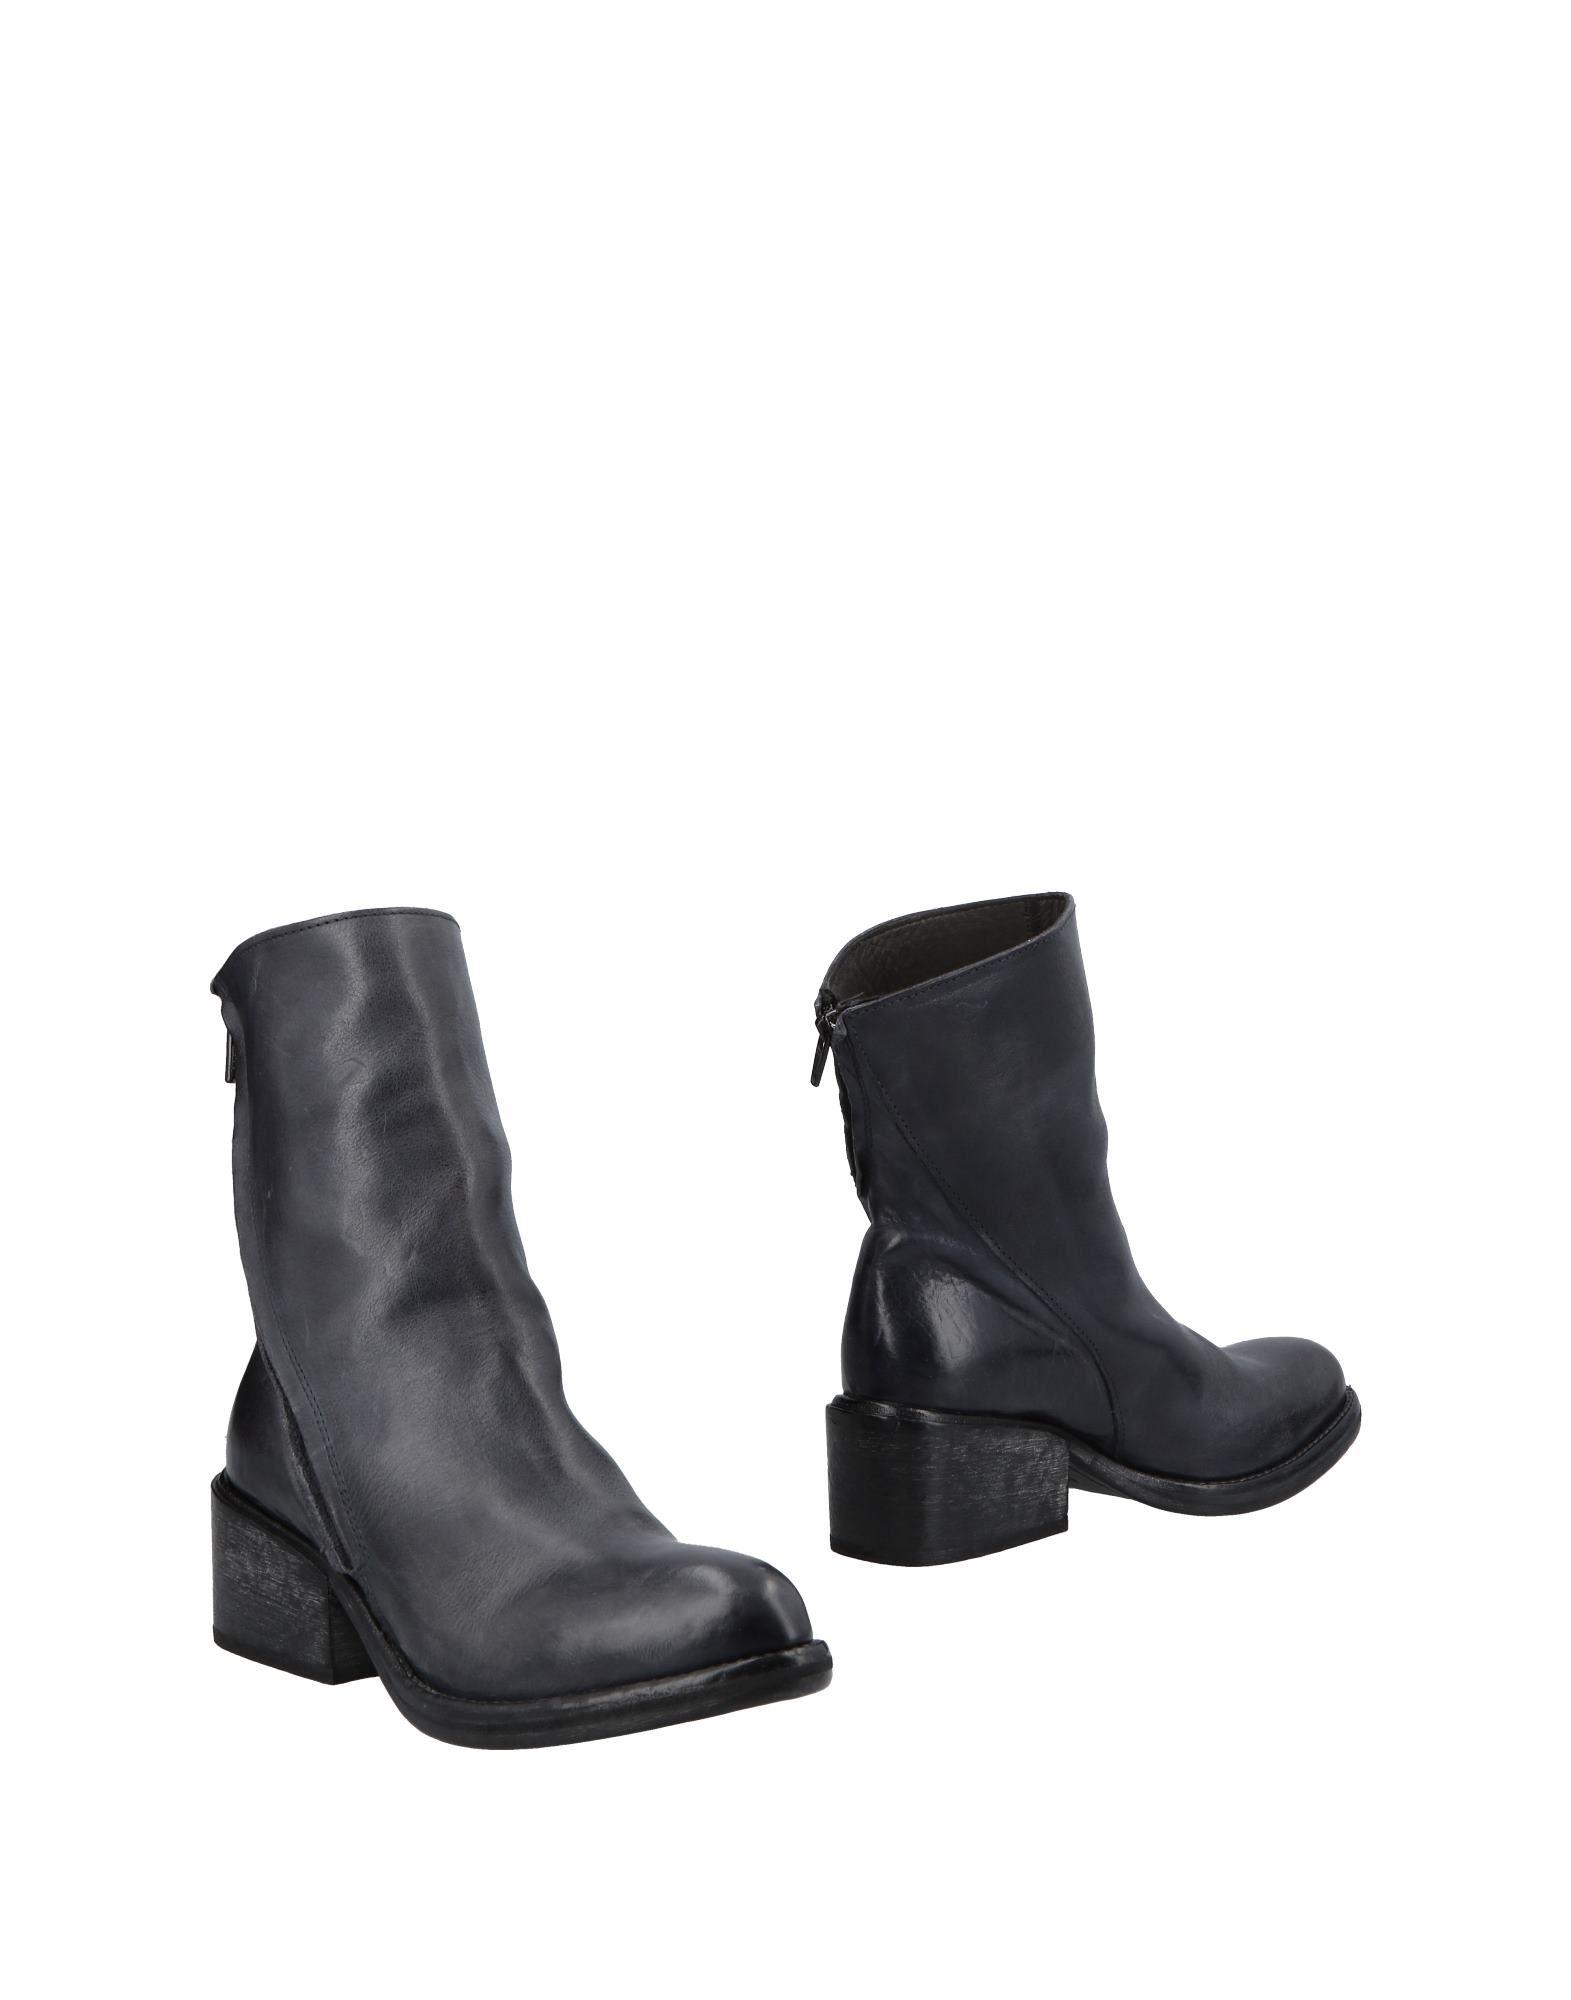 Rabatt Schuhe Moma Stiefelette  Damen  Stiefelette 11498270TQ 64bd76